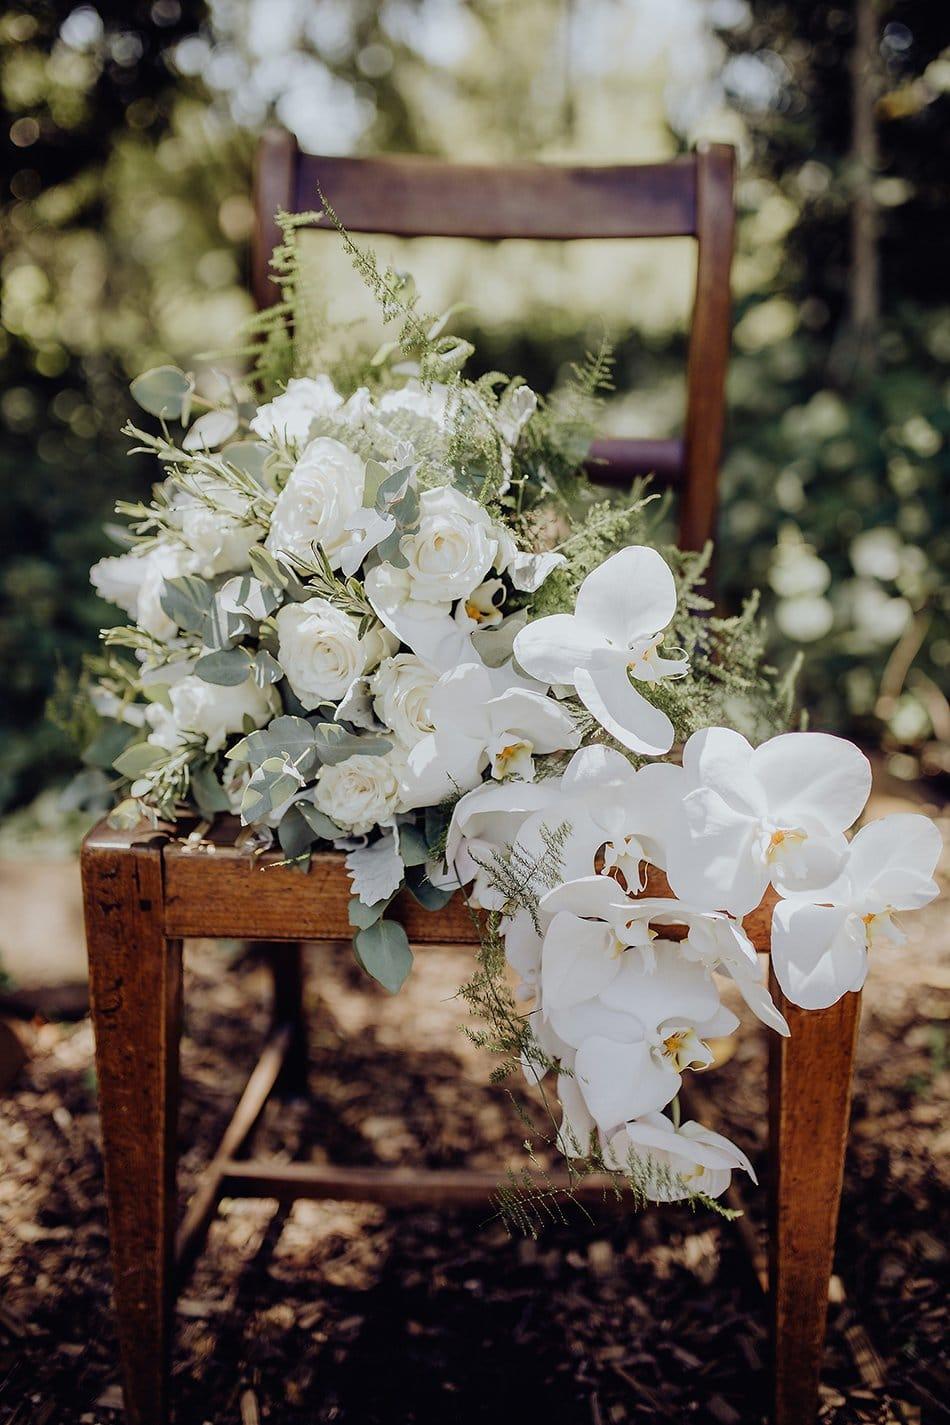 SPIER WEDDING - SPIER WINE FARM - STELLENBOSCH WEDDING PHOTOGRAPHERS - DESTINATION WEDDING - DUANE SMITH PHOTOGRAPHY - CAPE TOWN WEDDING PHOTOGRAPHERS -  WEDDING PHOTOS - HALEY & LAURENT (79)